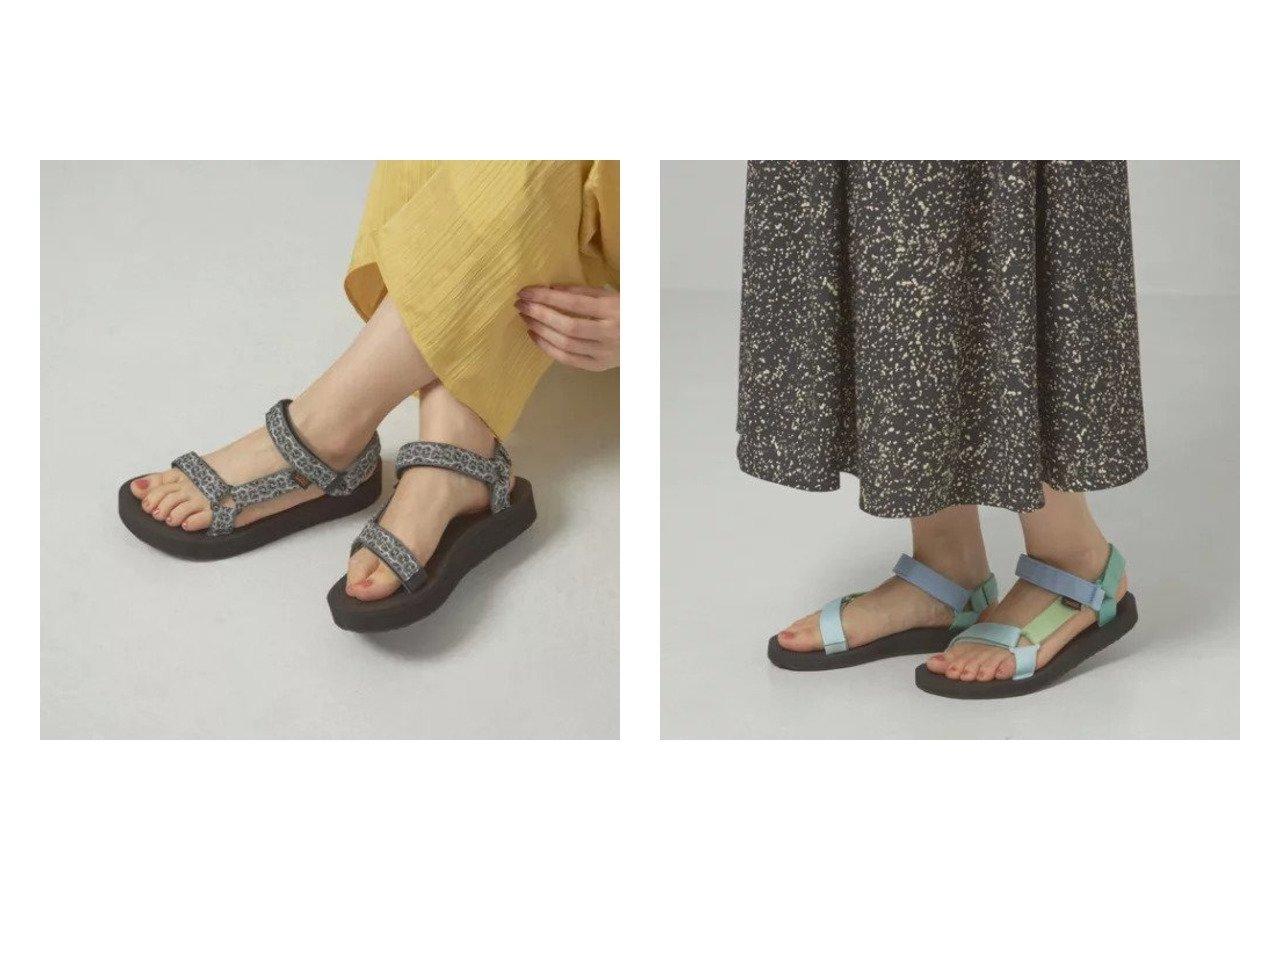 【THE STATION STORE / UNITED ARROWS/ザ ステーション ストア】のORIGINAL UNIVERSAL サンダル&MIDFORM UNIVERSAL サンダル 【シューズ・靴】おすすめ!人気、トレンド・レディースファッションの通販 おすすめで人気の流行・トレンド、ファッションの通販商品 インテリア・家具・メンズファッション・キッズファッション・レディースファッション・服の通販 founy(ファニー) https://founy.com/ ファッション Fashion レディースファッション WOMEN アウトドア カラフル 軽量 サンダル シューズ シンプル スポーツ ソックス 定番 Standard ビーチ フォーム ラップ レオパード グラデーション モノトーン おすすめ Recommend |ID:crp329100000045540